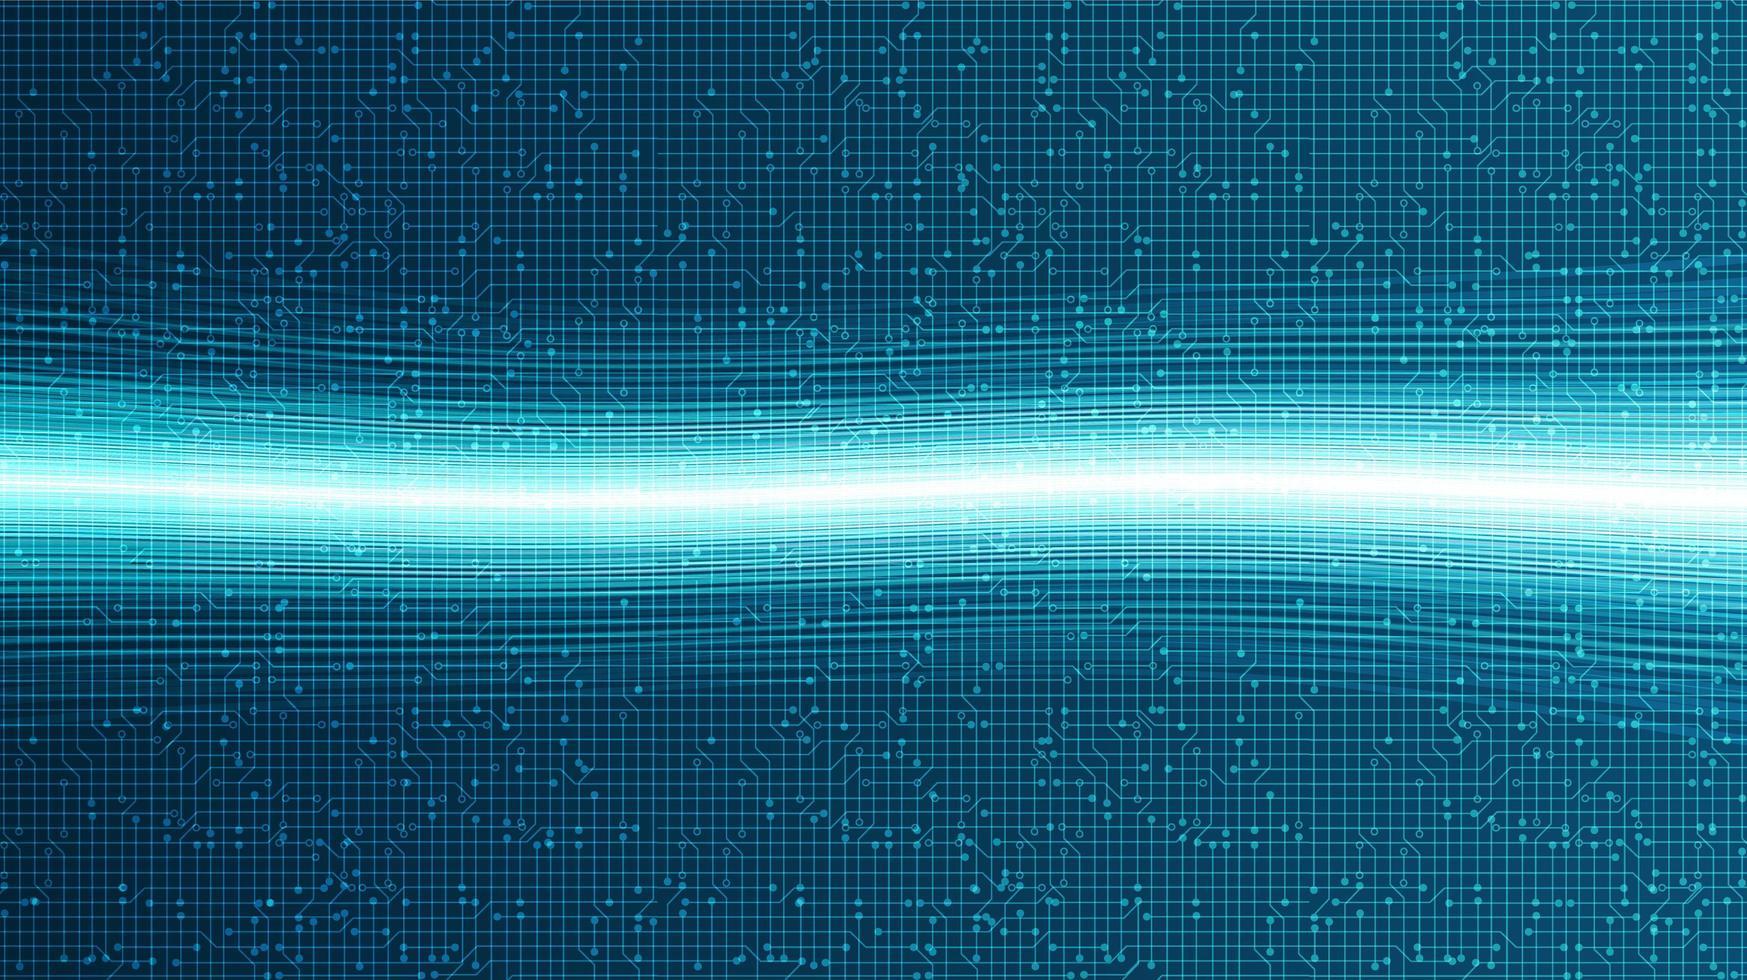 sfondo di tecnologia laser, design concept digitale e internet hi-tech, spazio libero per il testo inserito, illustrazione vettoriale